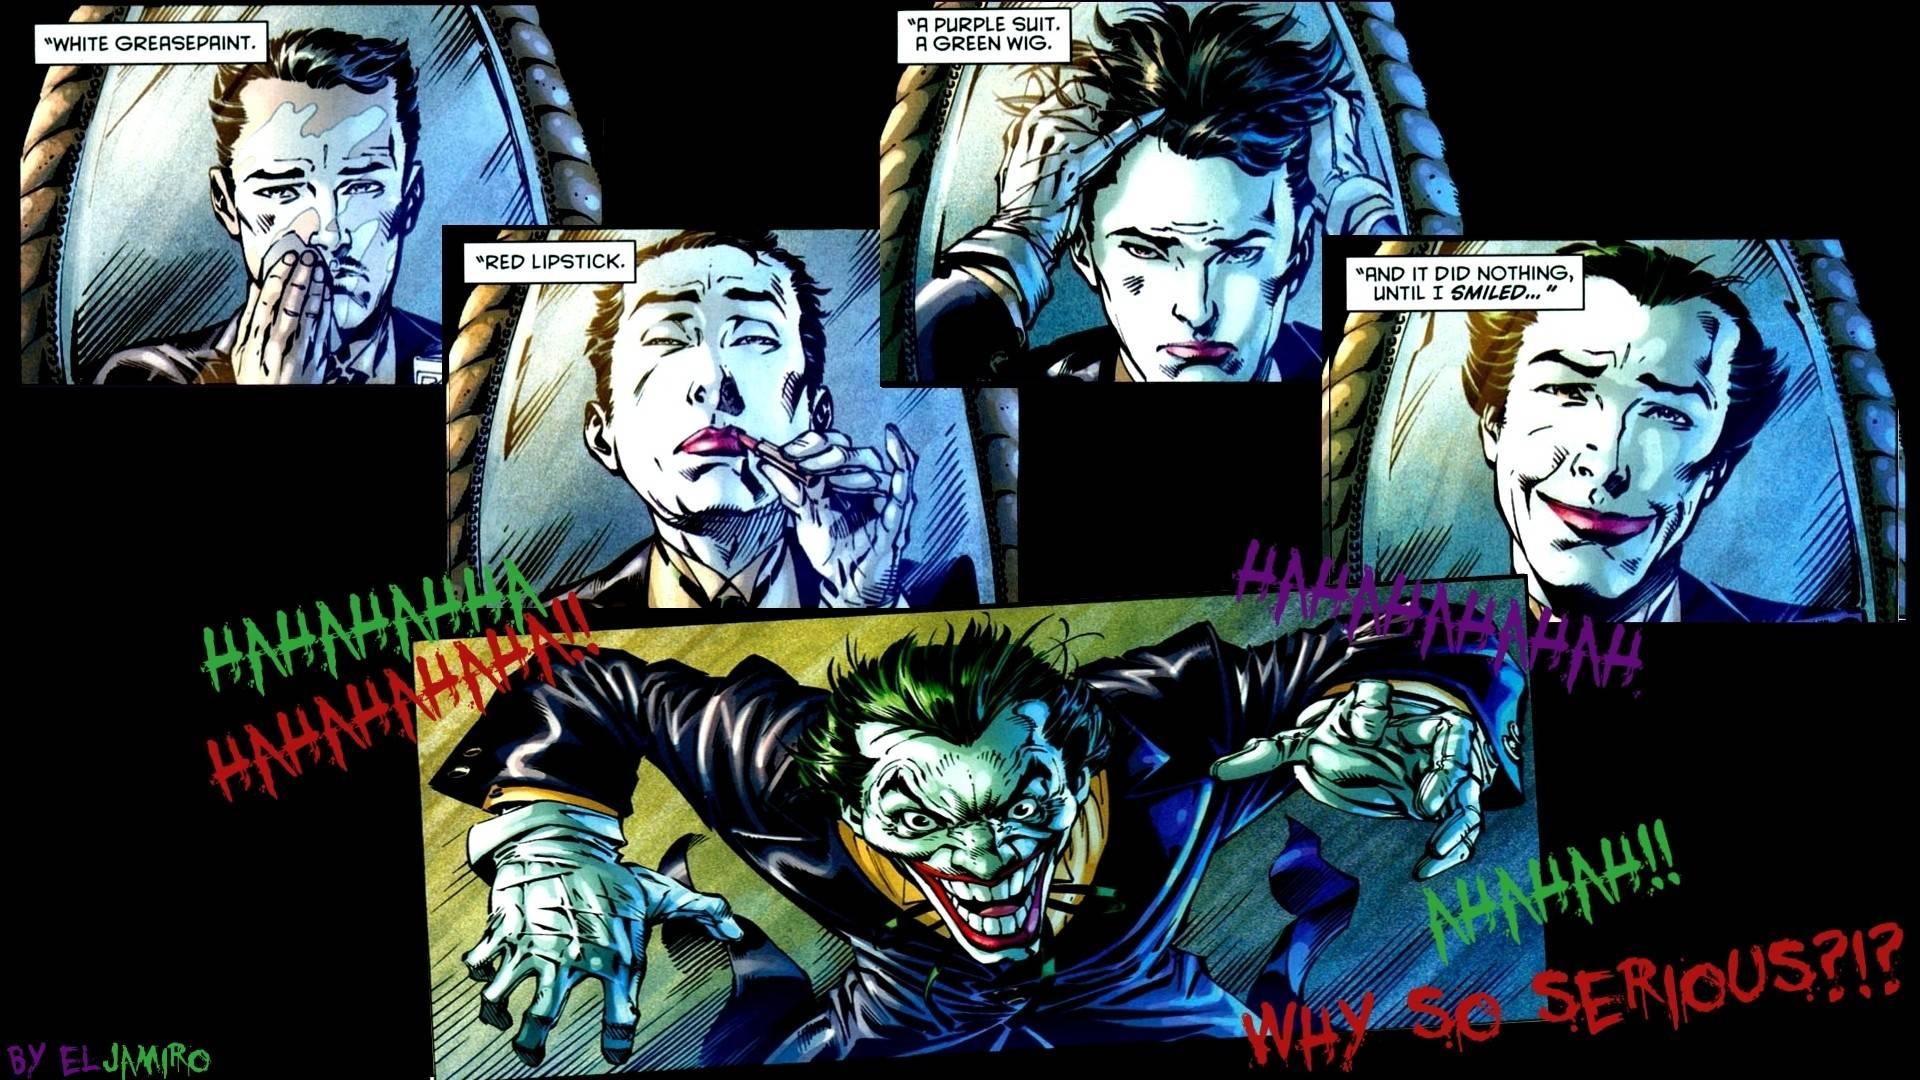 Fotos   Dc Comics Wallpapers Dc Comics Wallpaper Poster 1920x1080